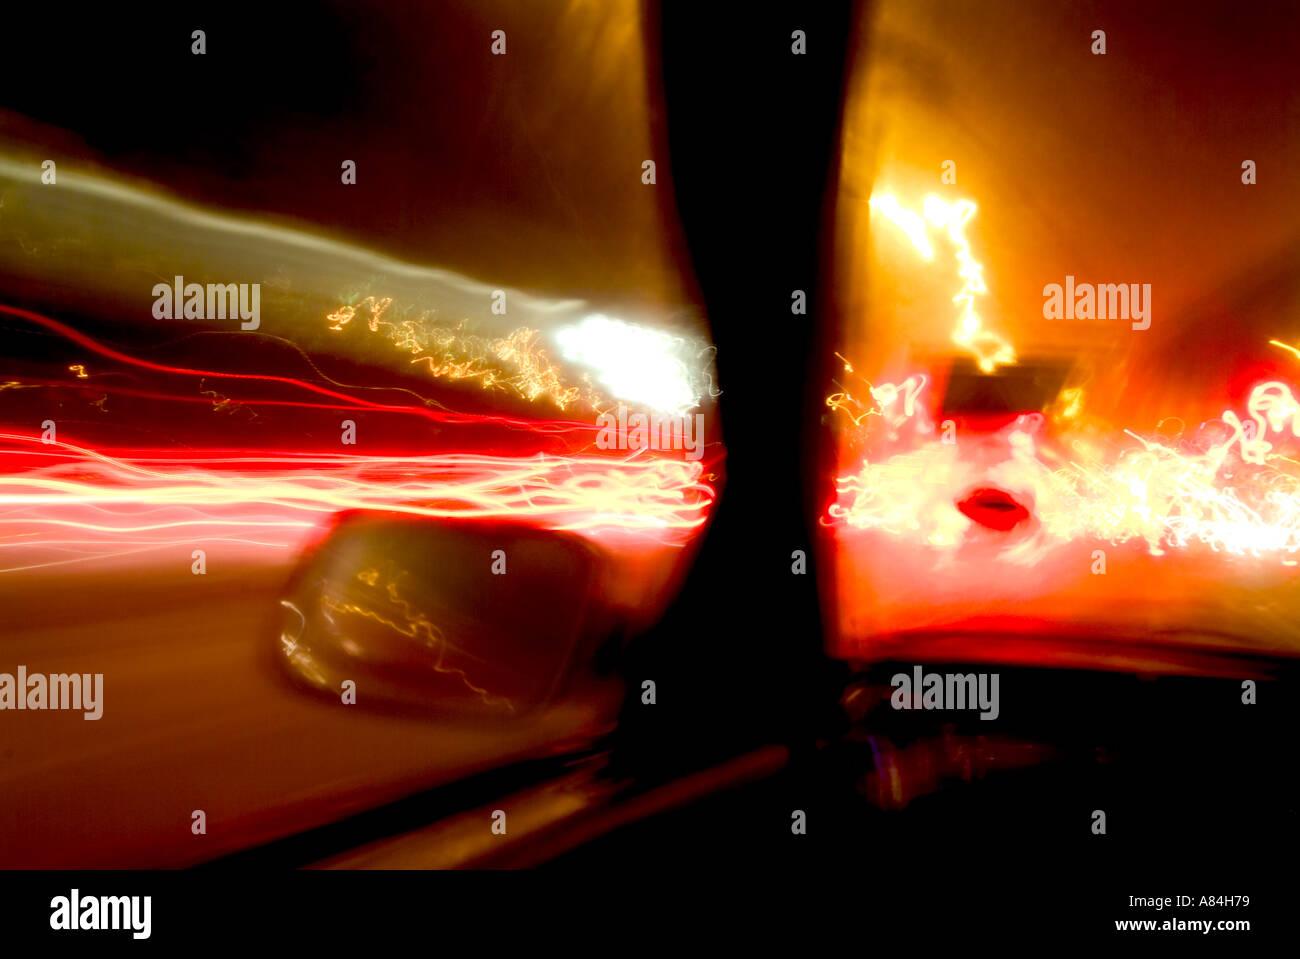 luz abstracta Imagen De Stock